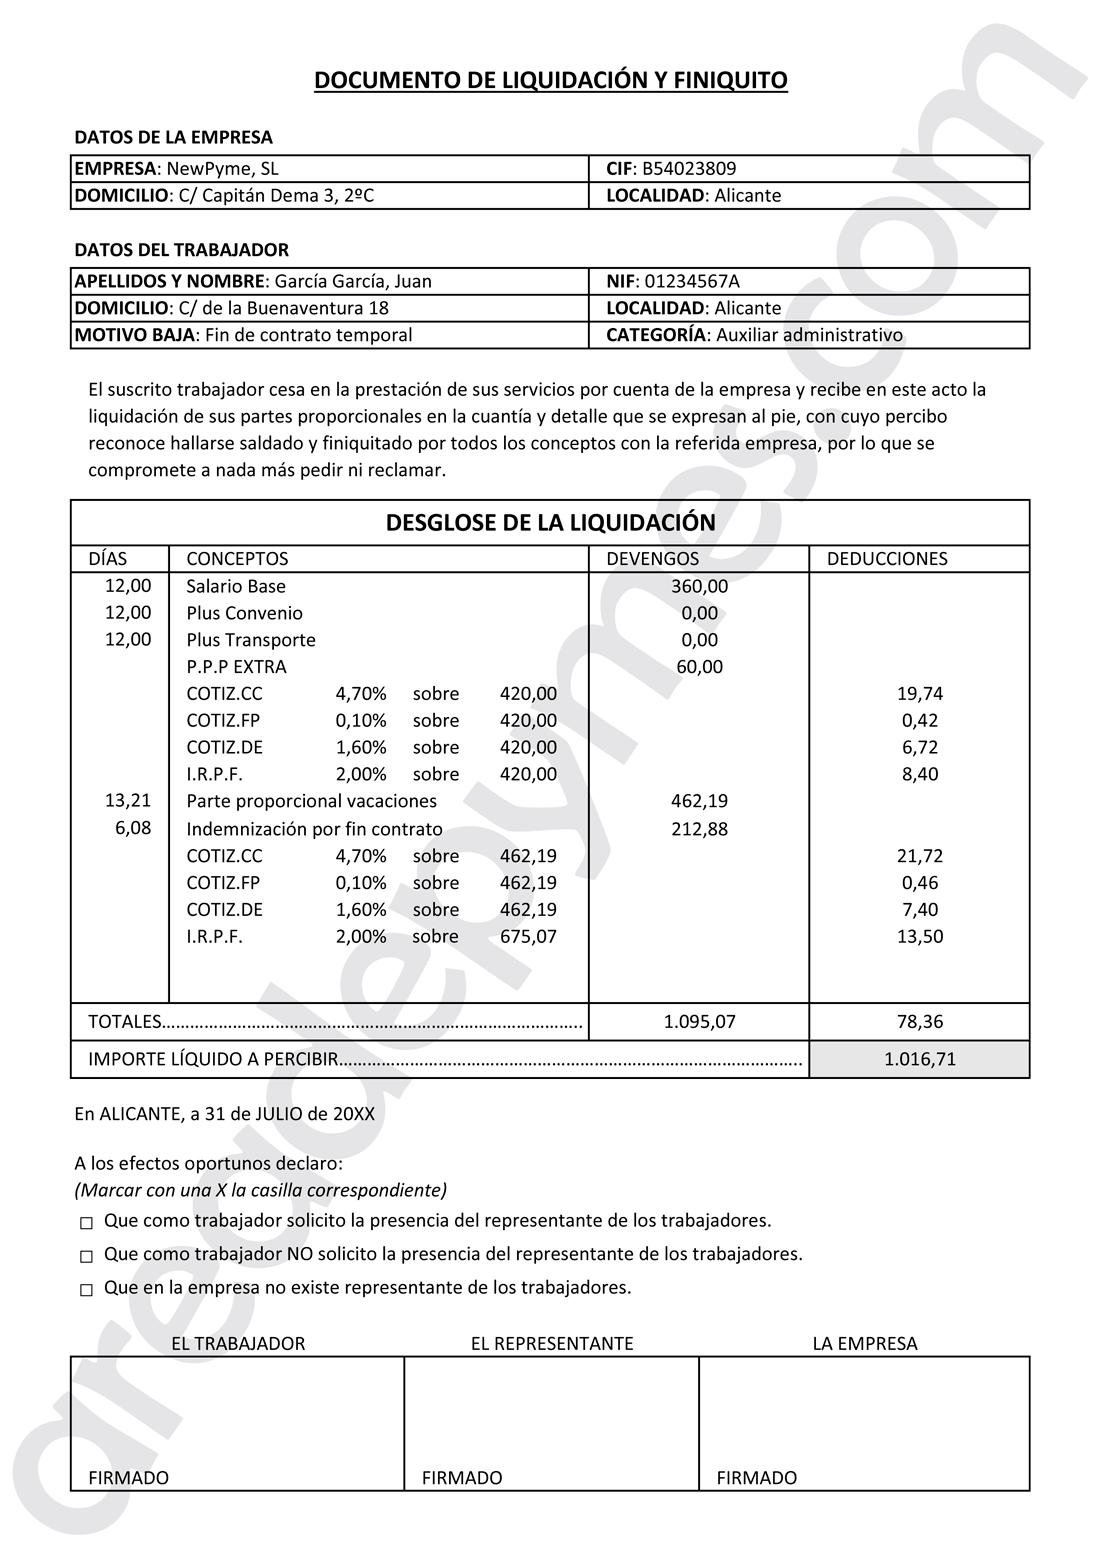 Cómo Entender Y Calcular Un Finiquito Paso A Paso área De Pymes